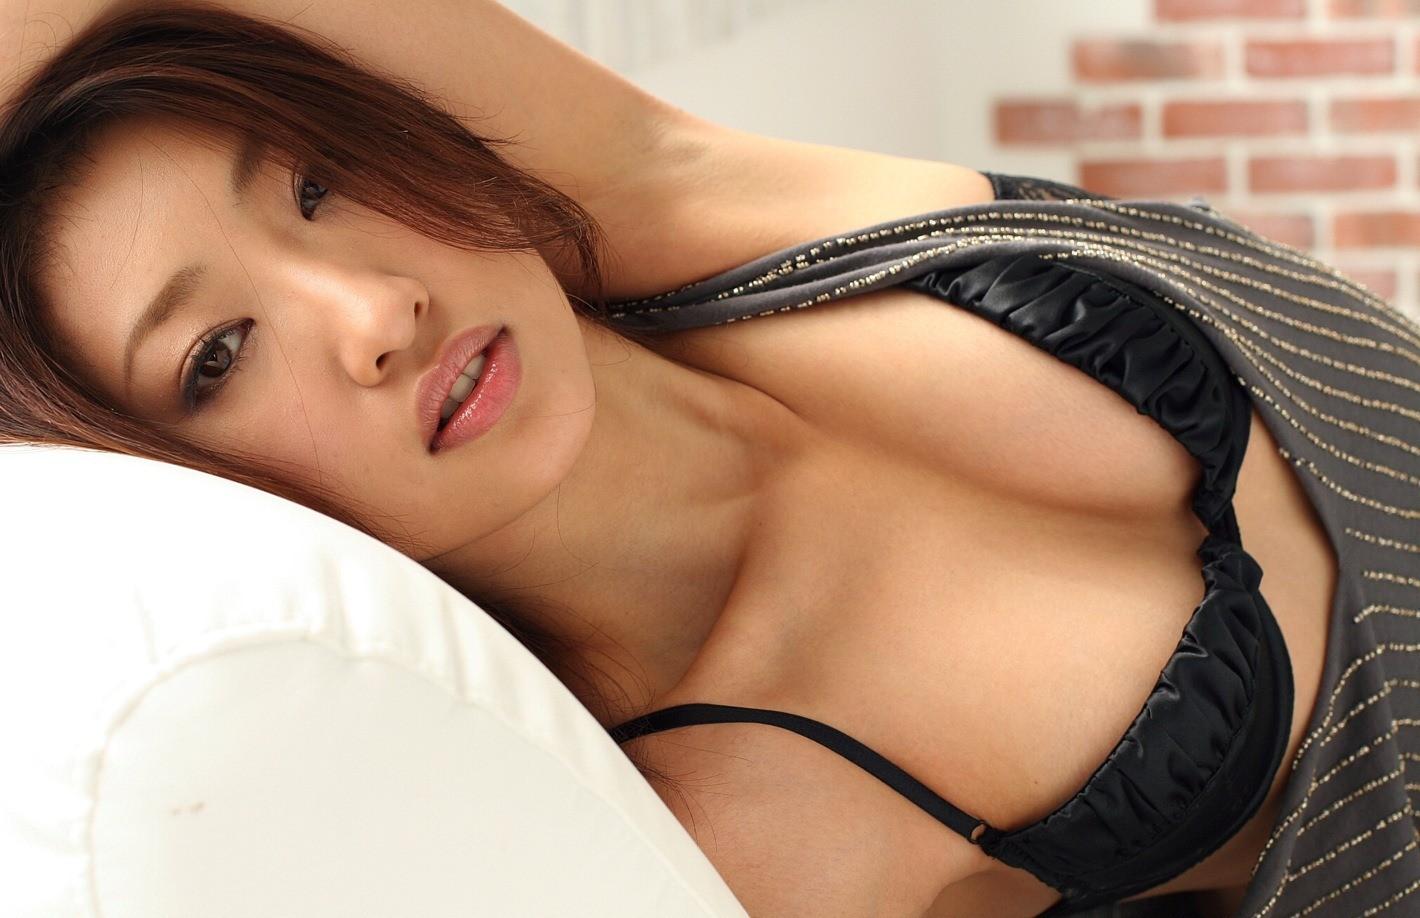 【腋フェチエロ画像】おっぱいより舐めたい日もあるw綺麗で貴重な美女の腋下www 28